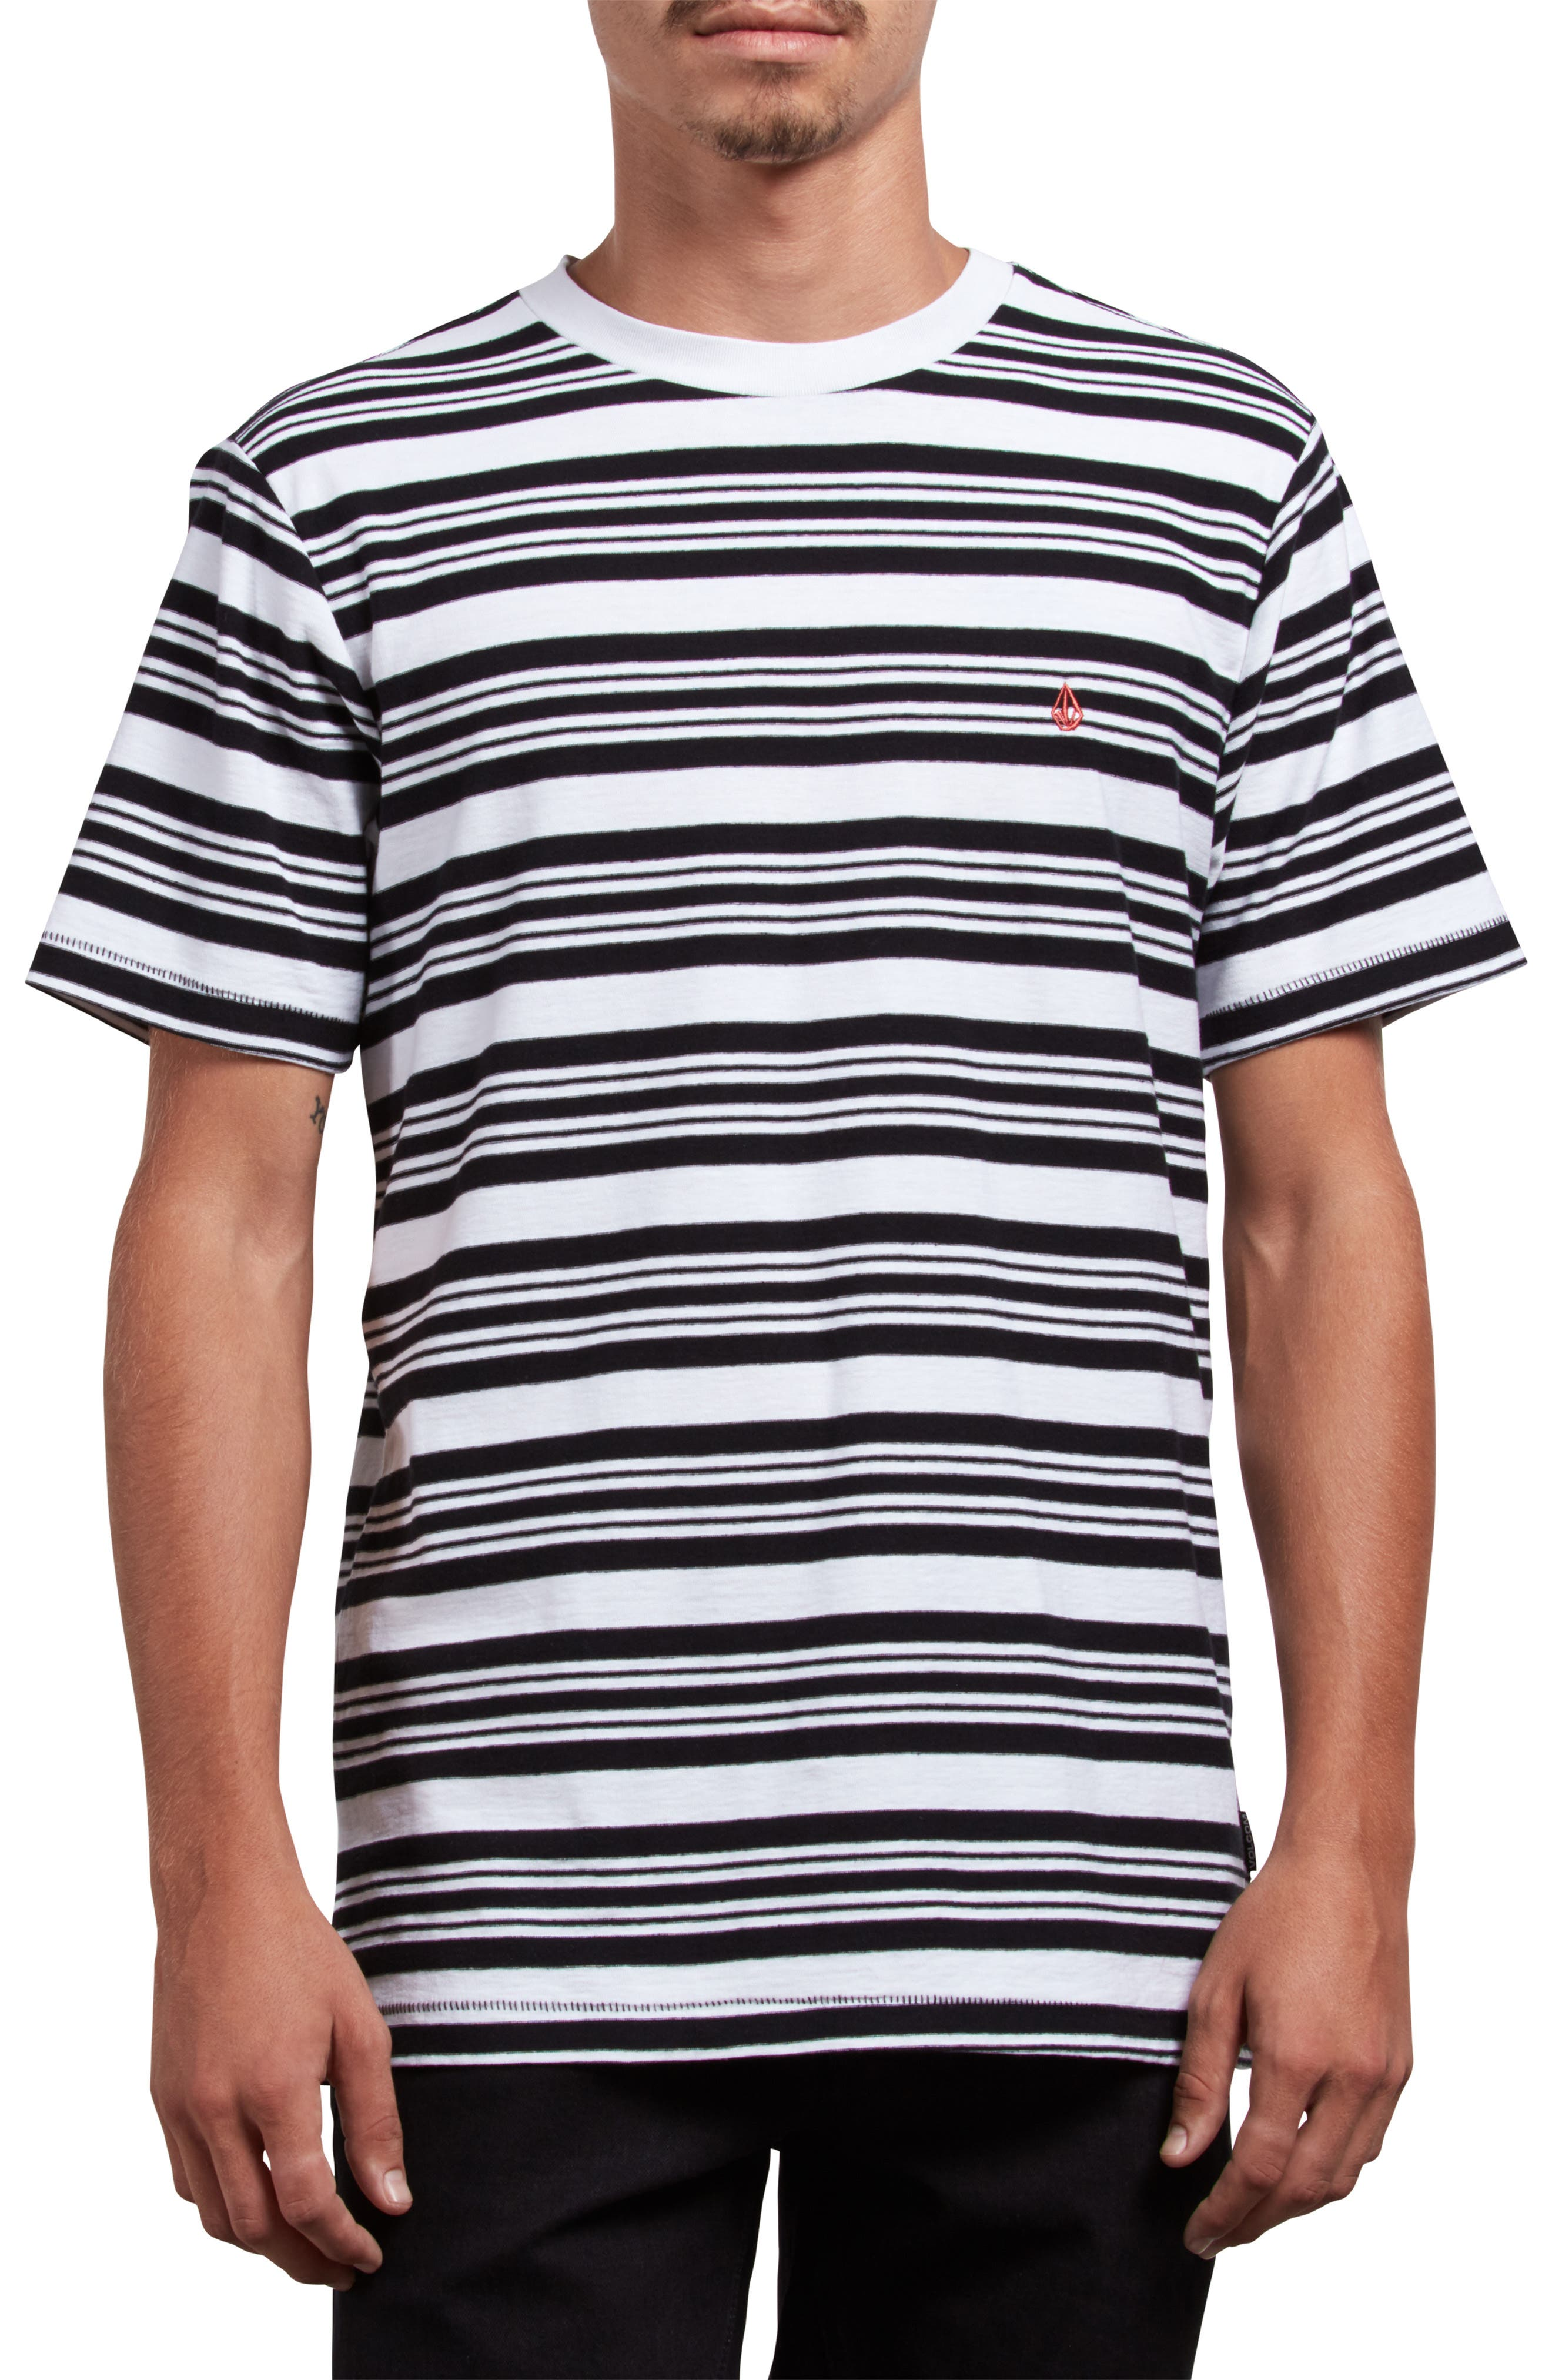 Randall T-Shirt,                         Main,                         color, 100